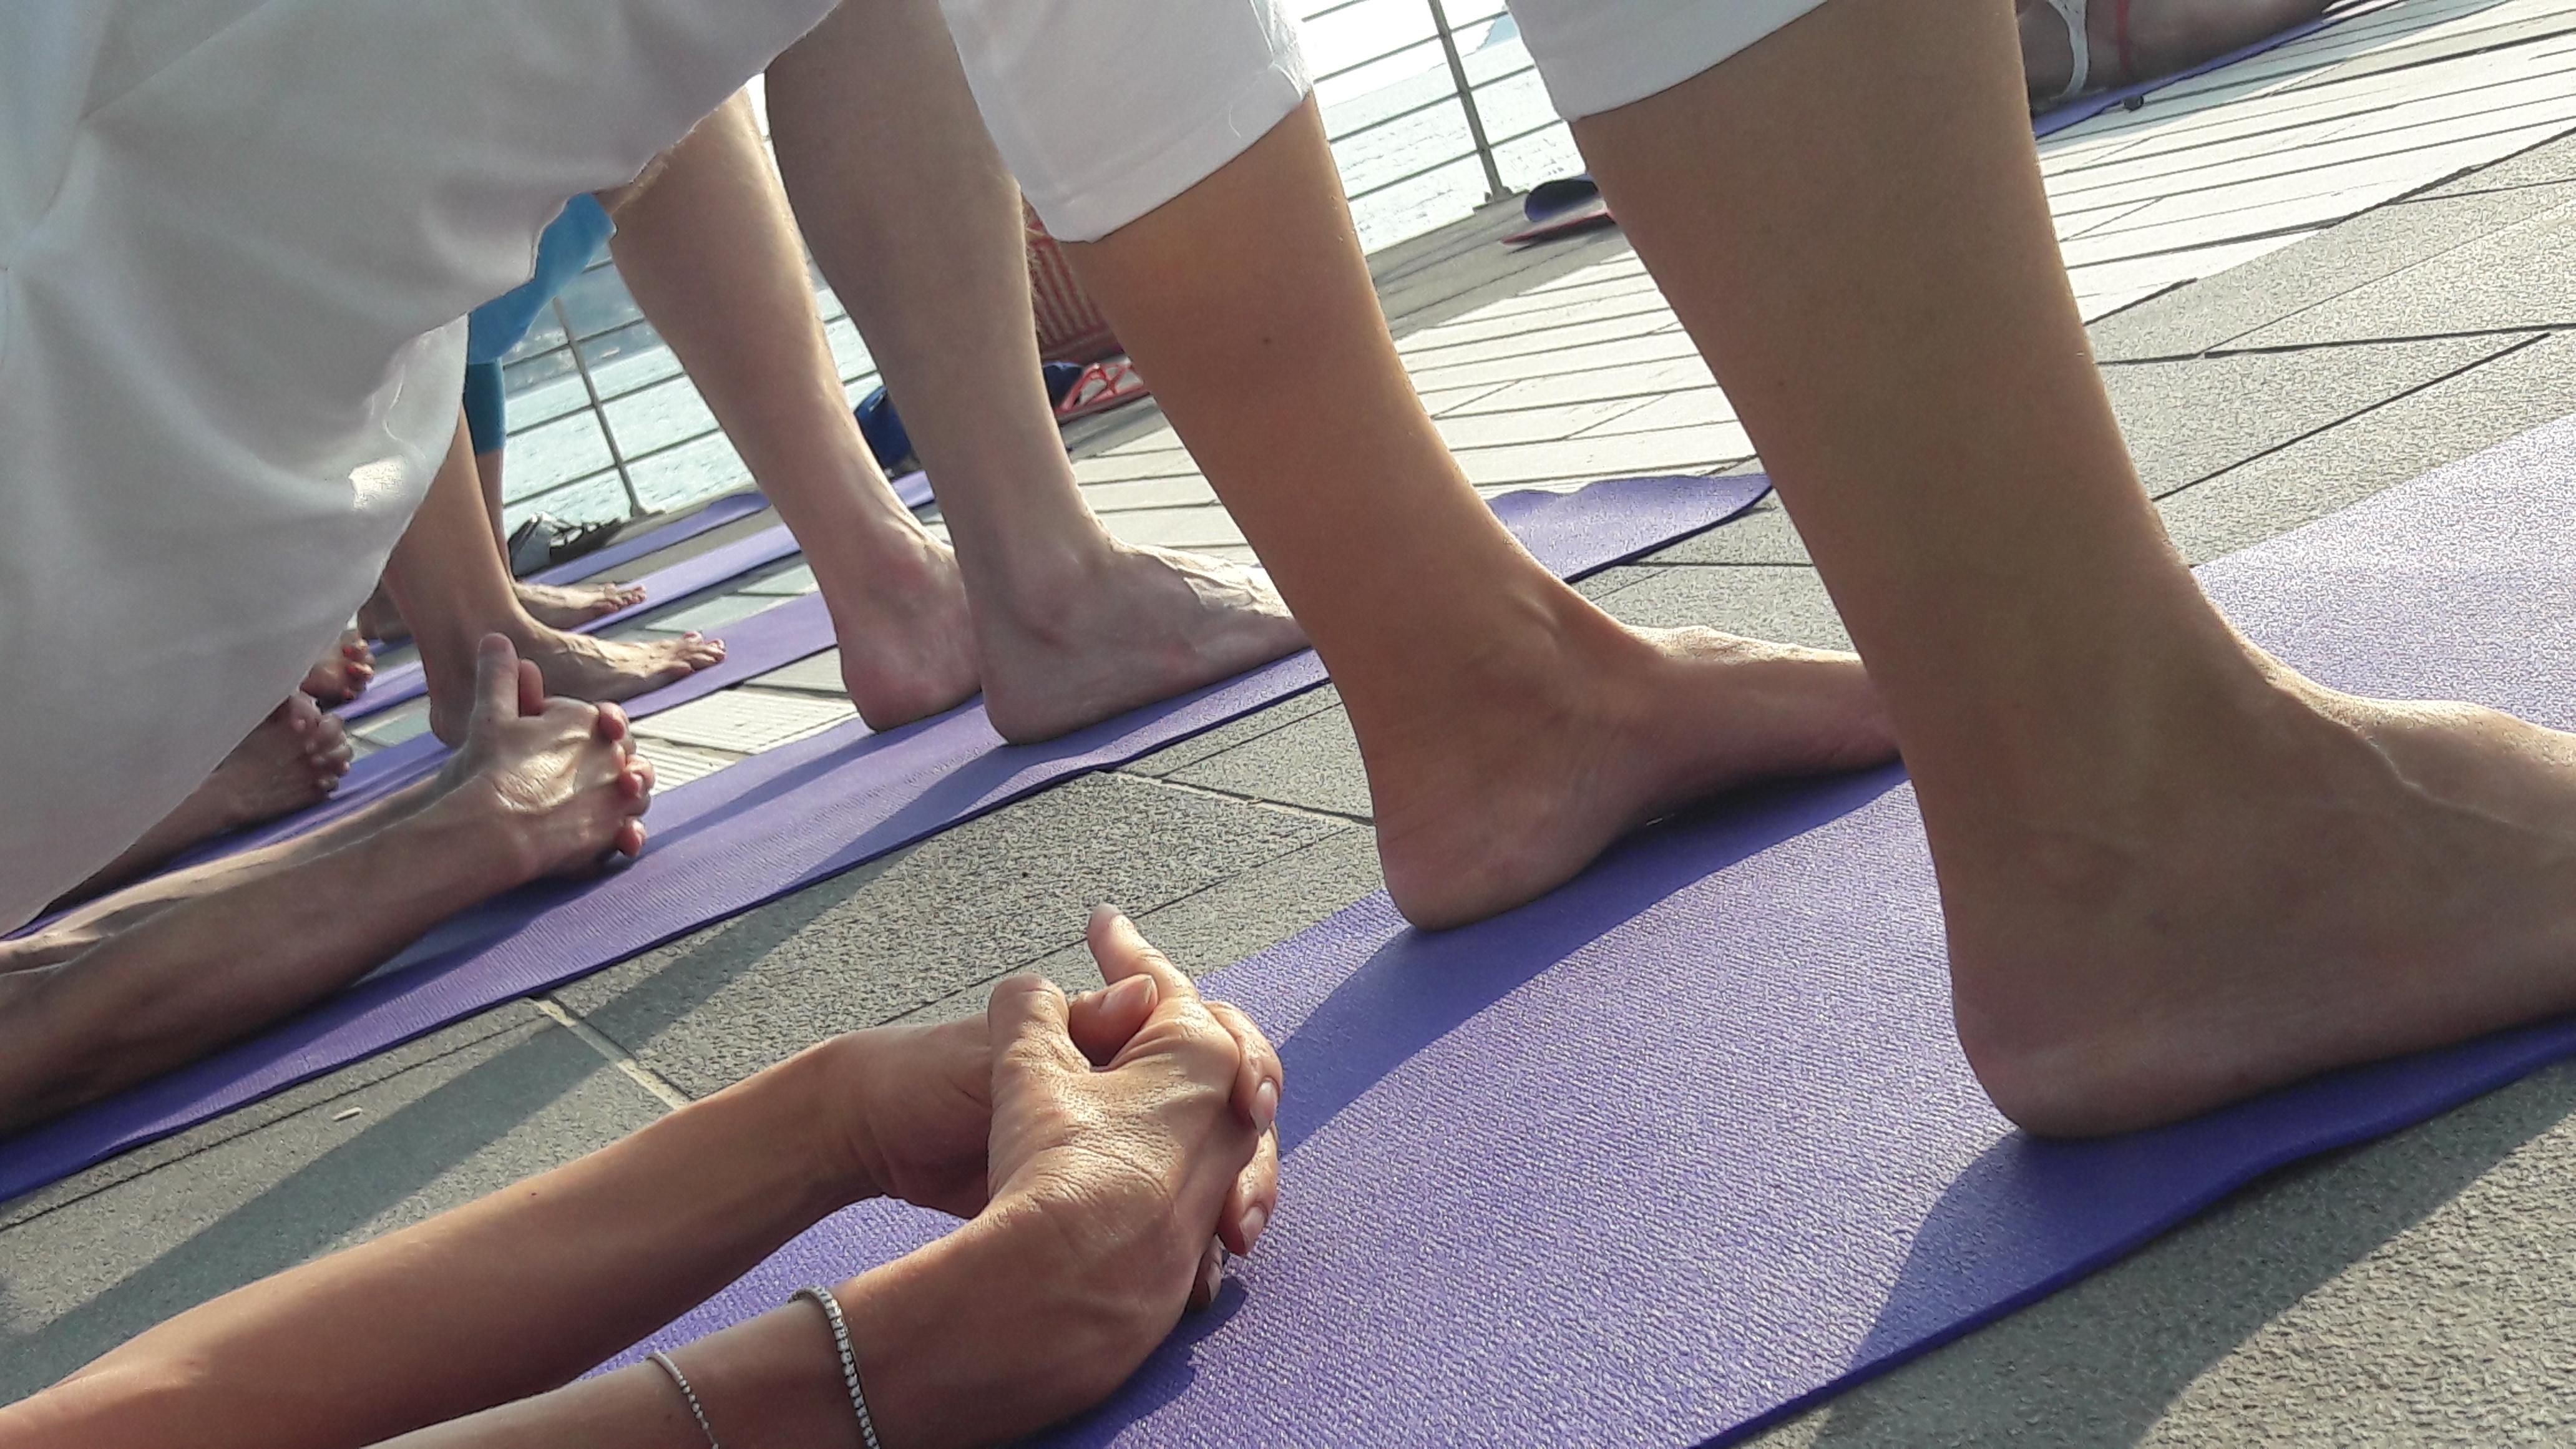 essere-free-yoga-gratuito-benessere-per-tutti-village-citta-alassio-estate-lucia-ragazzi-summer-town-wellness-034